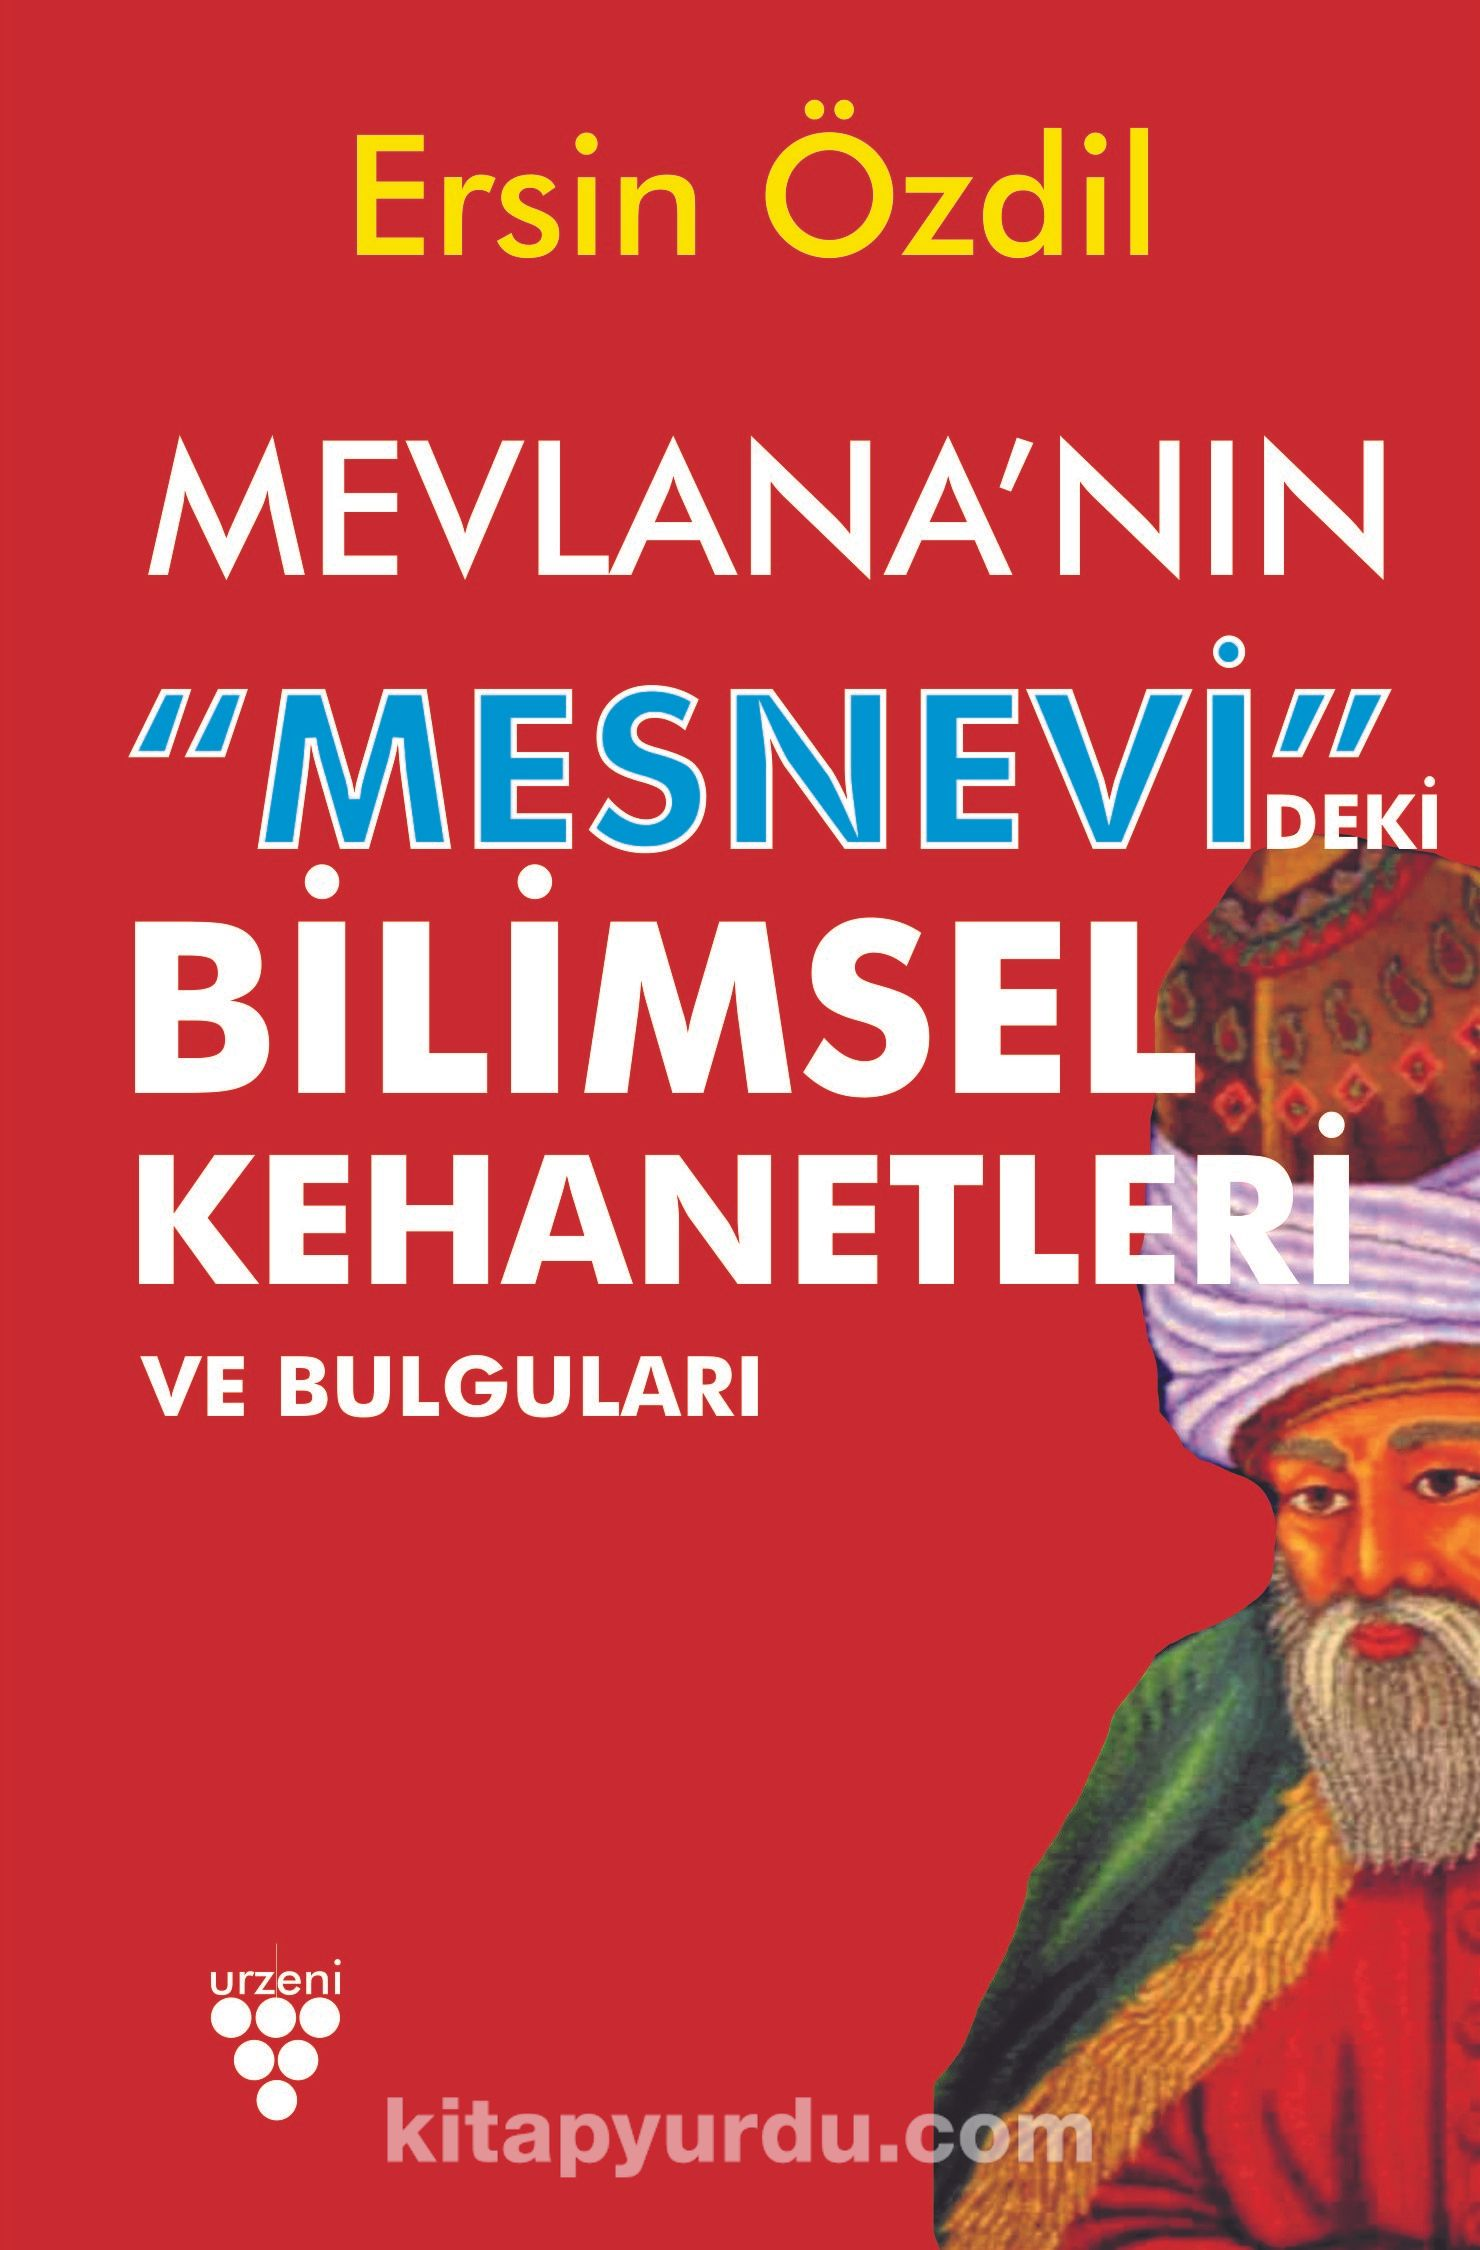 Mevlana'nın Mesnevi'deki Bilimsel Kehanetleri ve Bulguları - Ersin Özdil pdf epub